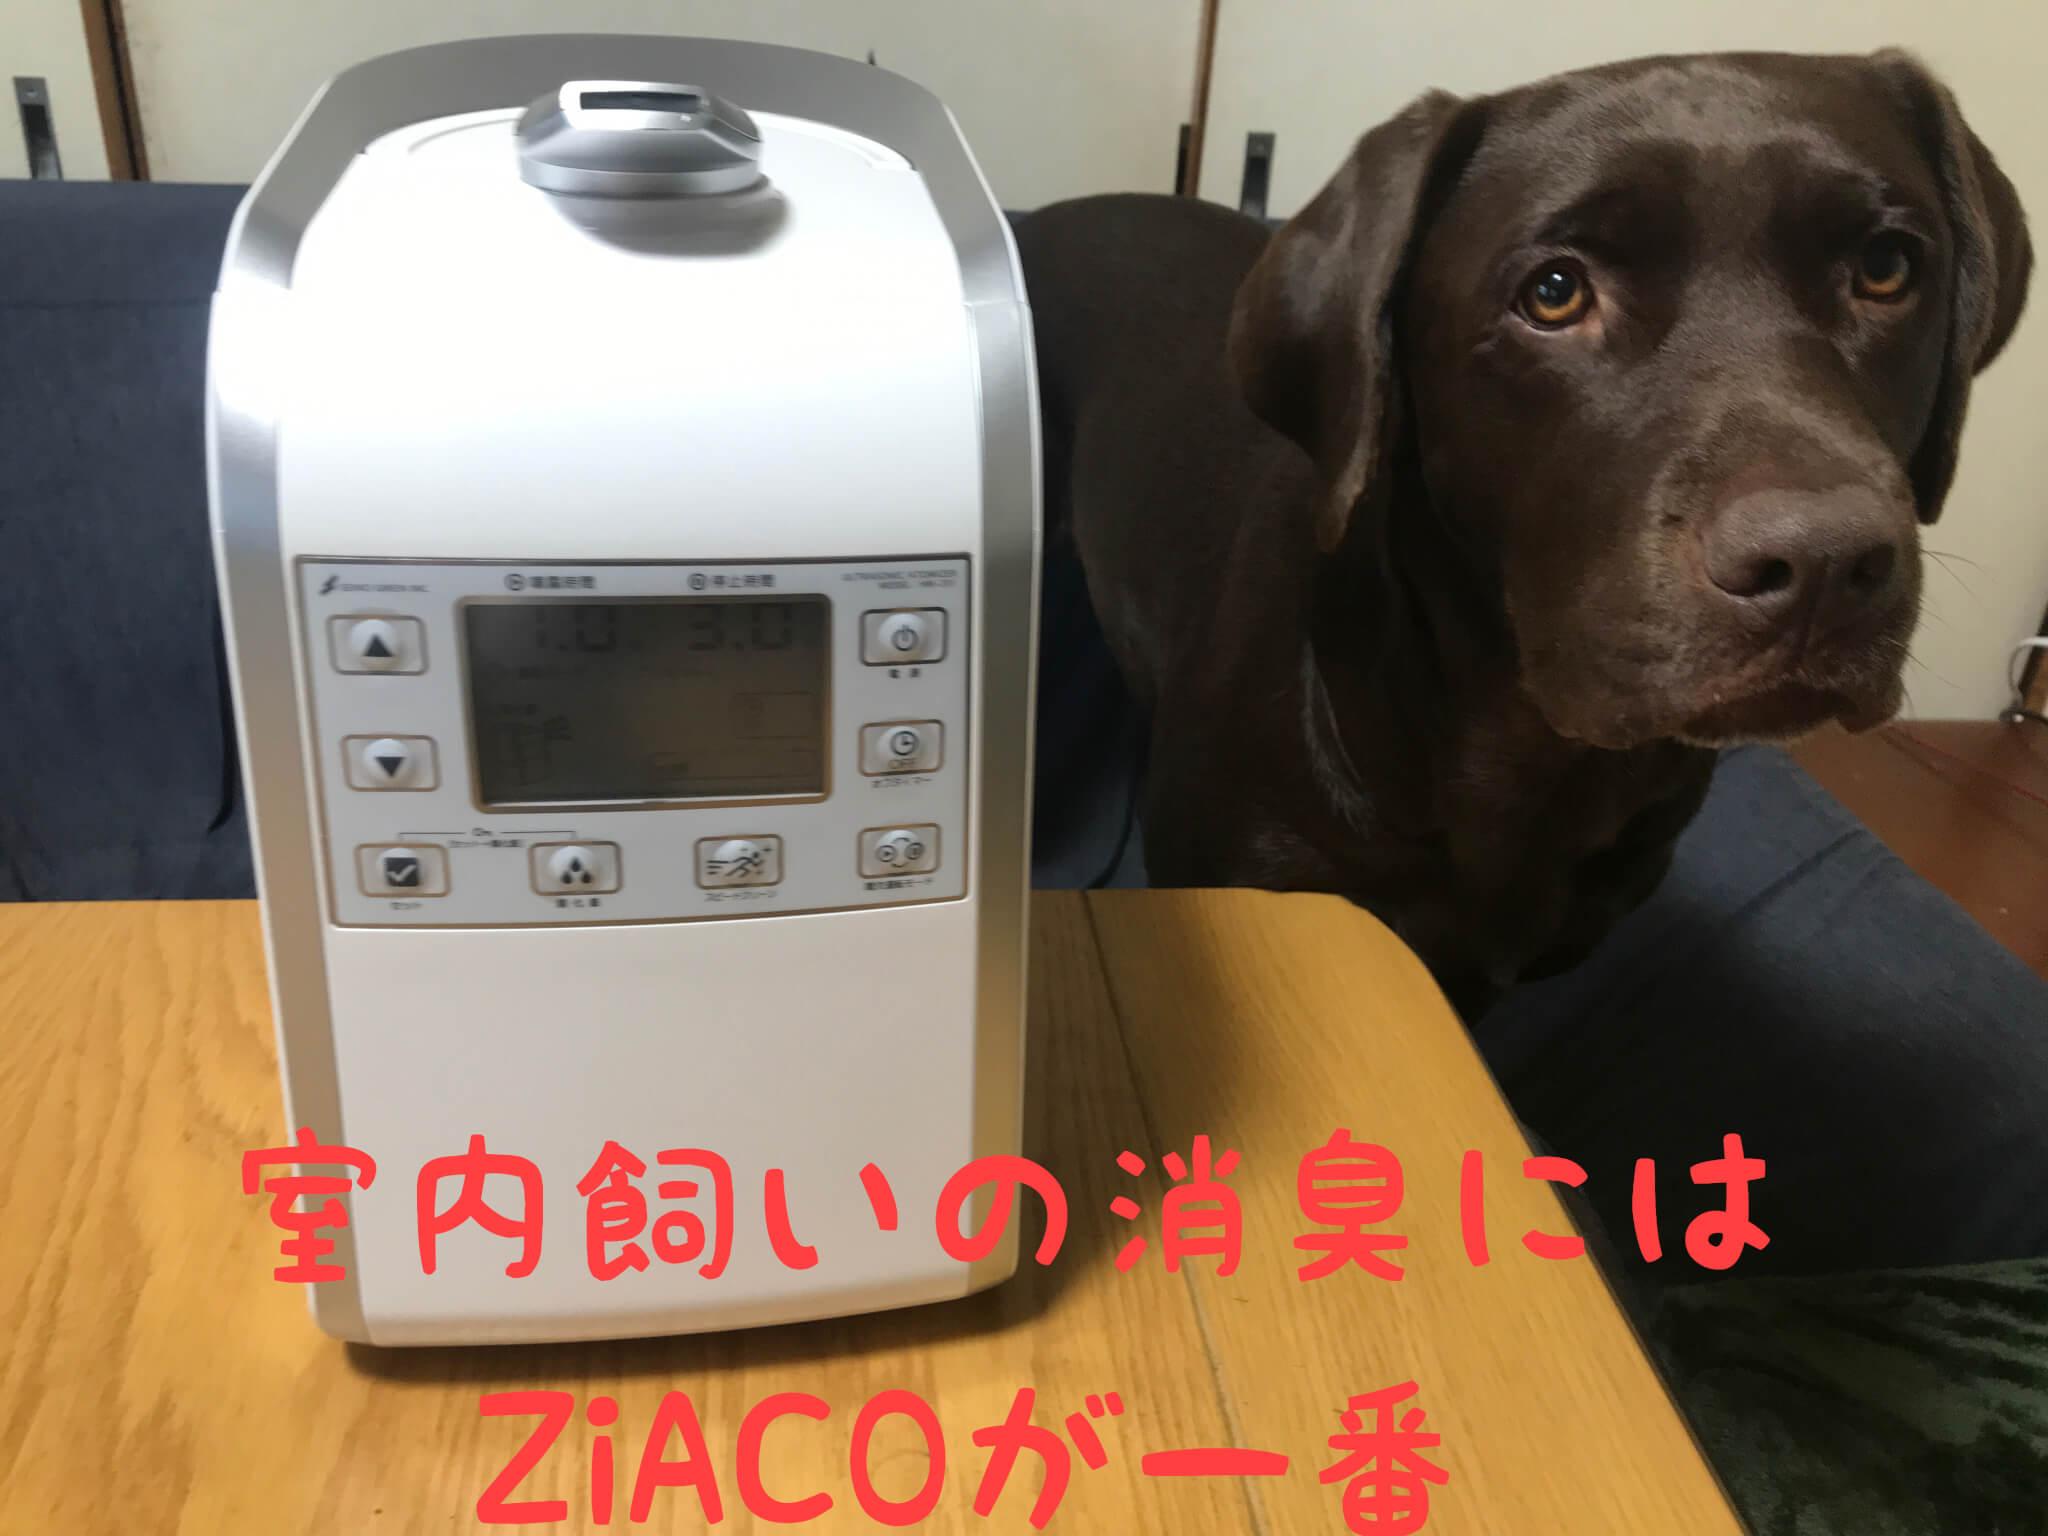 室内飼いの消臭にはZiacoが一番 ラブラドールレトリバー Ziaco